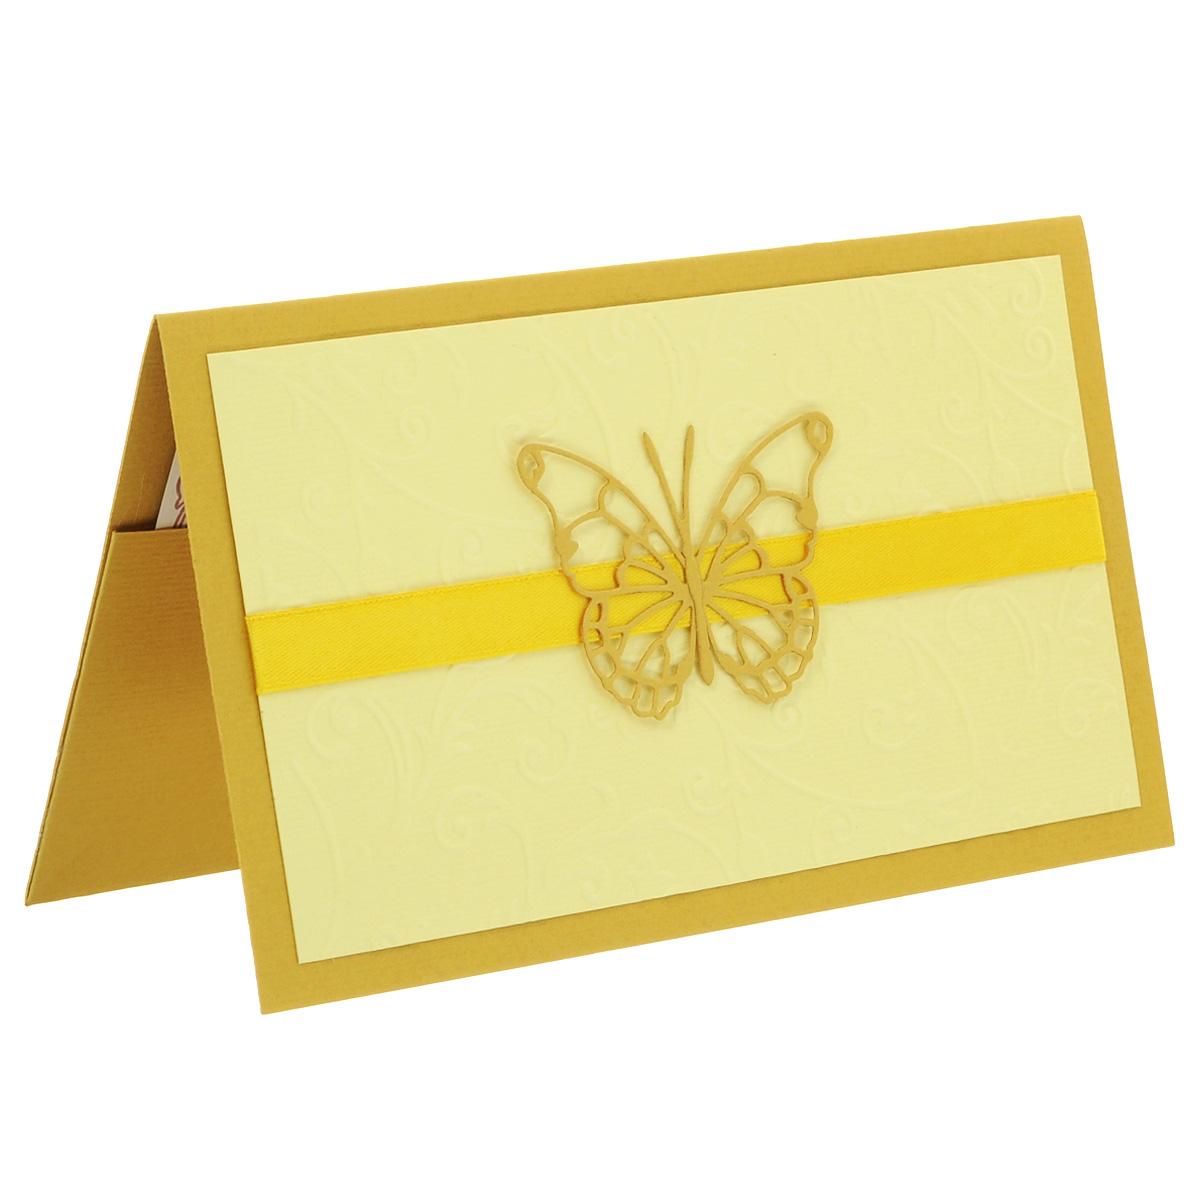 ОЖ-0025 Открытка-конверт с бабочкой, без надписи (бабочка на ленте, золото). Студия «Тётя Роза»YM116017-4Характеристики: Размер 19 см x 11 см.Материал: Высоко-художественный картон, бумага, декор. Данная открытка может стать как прекрасным дополнением к вашему подарку, так и самостоятельным подарком. Так как открытка является и конвертом, в который вы можете вложить ваш денежный подарок или просто написать ваши пожелания на вкладыше. Конверт для поздравления с ажурной, нежной бабочкой на атласной ленте подойдет любому событию. Нейтральность идеи делает его универсальным подарком для любого торжества или мероприятия. Фактурный, текстурированный фон придает изысканности и благородства.Также открытка упакована в пакетик для сохранности.Обращаем Ваше внимание на то, что открытка может незначительно отличаться от представленной на фото.Открытки ручной работы от студии Тётя Роза отличаются своим неповторимым и ярким стилем. Каждая уникальна и выполнена вручную мастерами студии. (Открытка для мужчин, открытка для женщины, открытка на день рождения, открытка с днем свадьбы, открытка винтаж, открытка с юбилеем, открытка на все случаи, скрапбукинг)